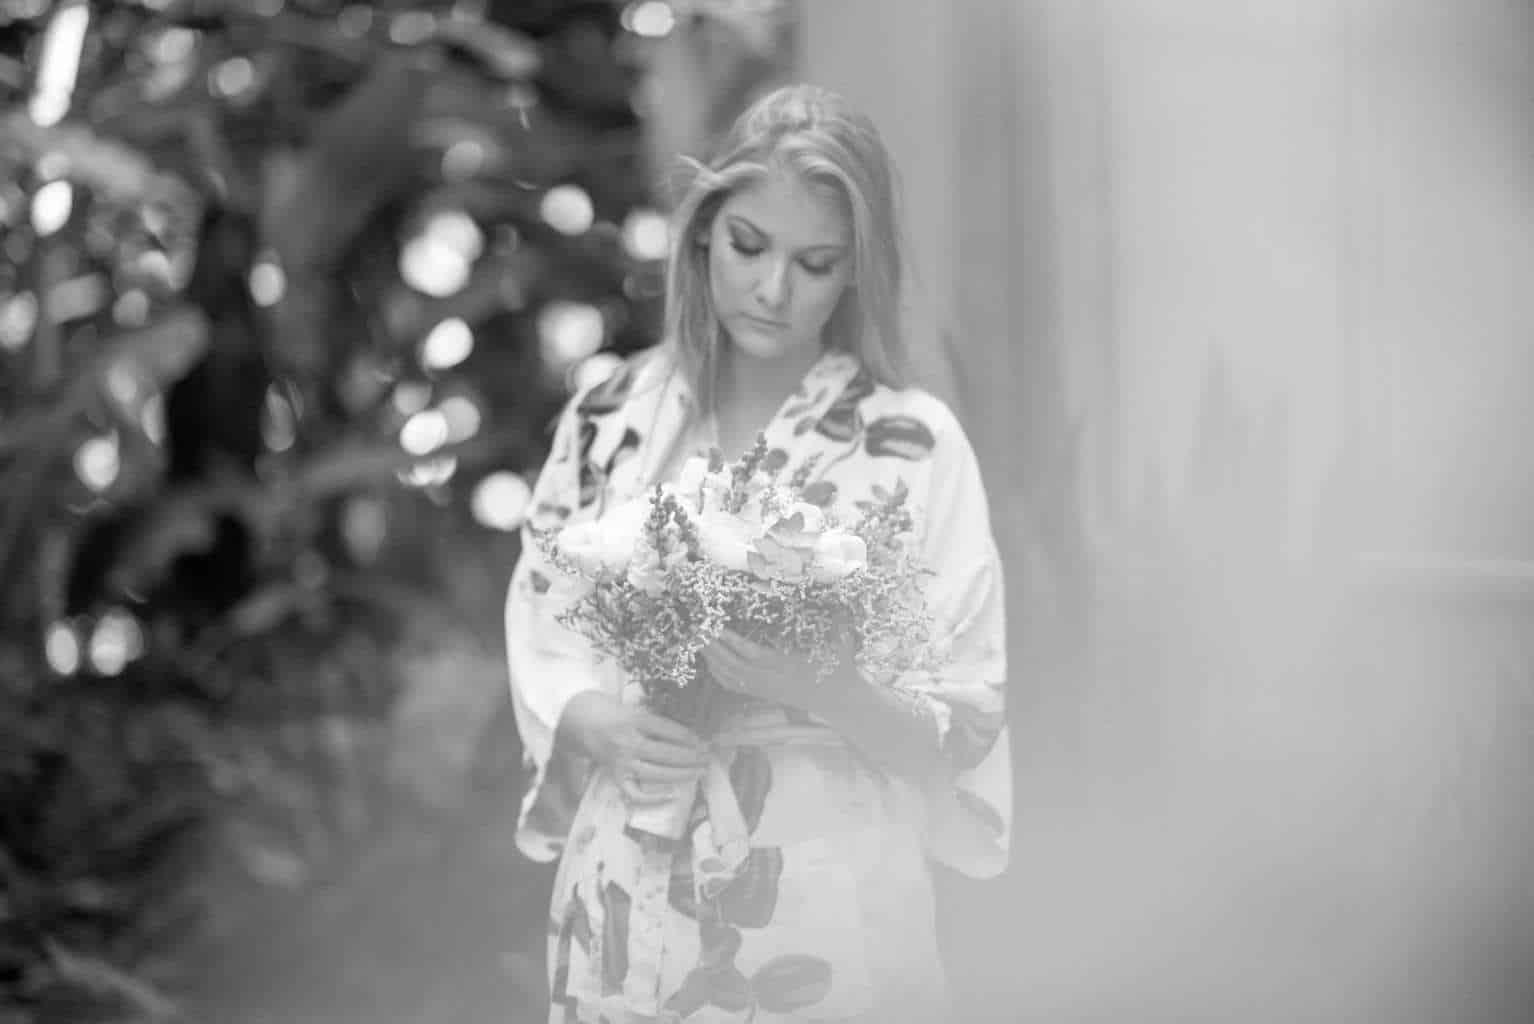 casamento-de-dia-casamento-Nicole-e-Thales-casamento-no-jardim-csasamento-ao-ar-livre-Fotografia-Marina-Fava-Galeria-Jardim-Rio-de-Janeiro-6